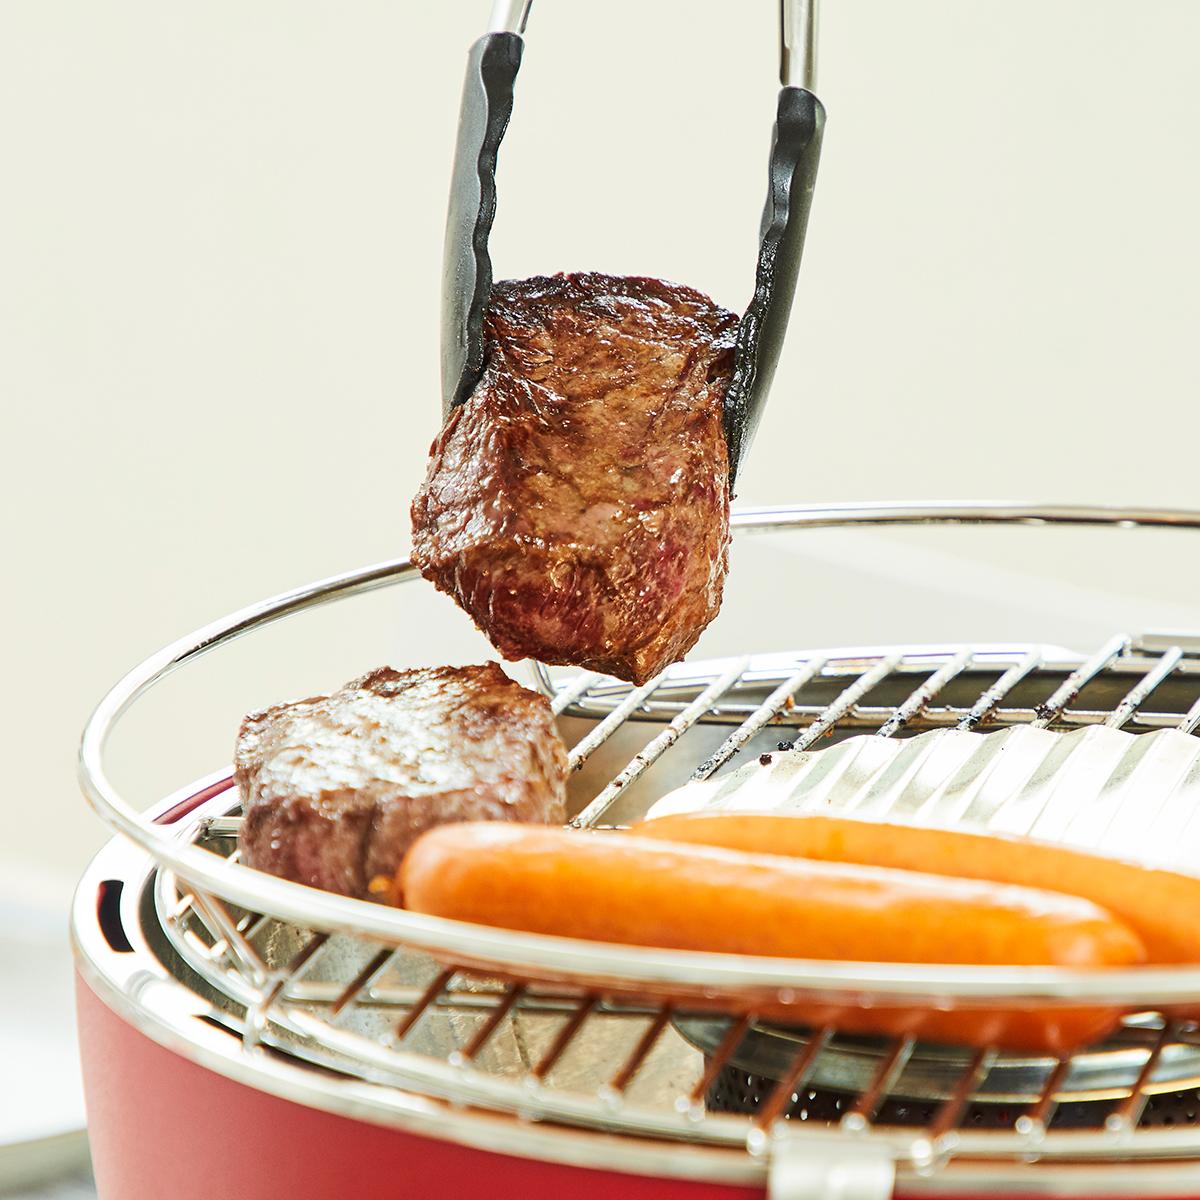 肉や魚、野菜も「外はパリッ、中はふっくら」の食感で美味しくなる。贅沢な一人BBQができる「炭火焼グリル」(コンパクト・軽い、ミニ、スモールサイズ)|Lotus Grill